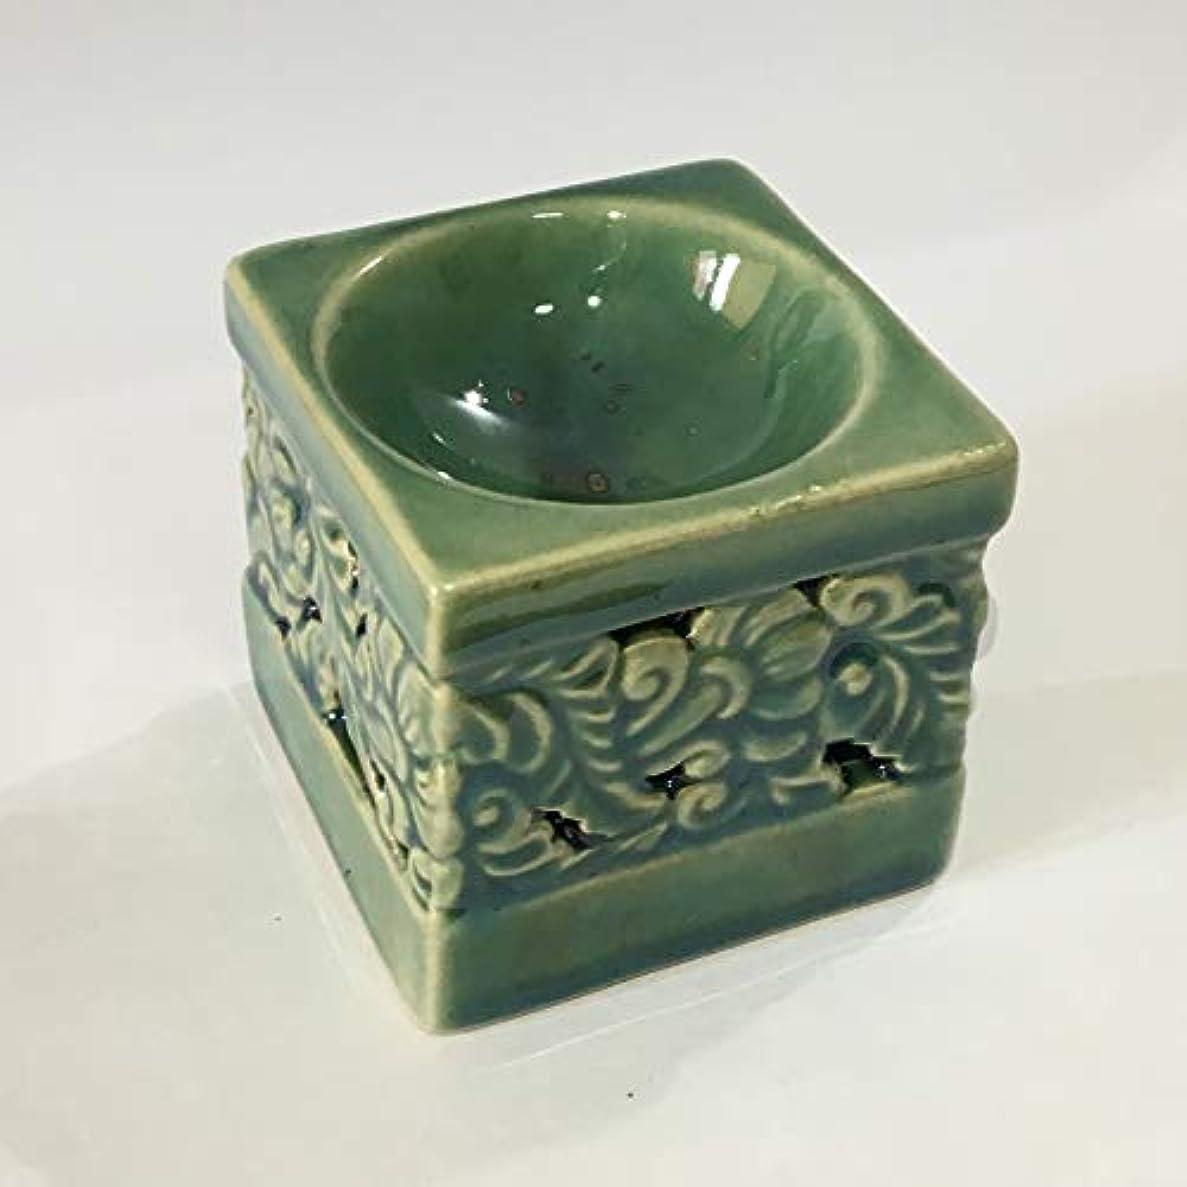 クリープウェブ陰気アロマポット カービング柄 (緑)チェンマイ産 香炉 陶器 アロマ炉 タイ 精油 アロマ炉